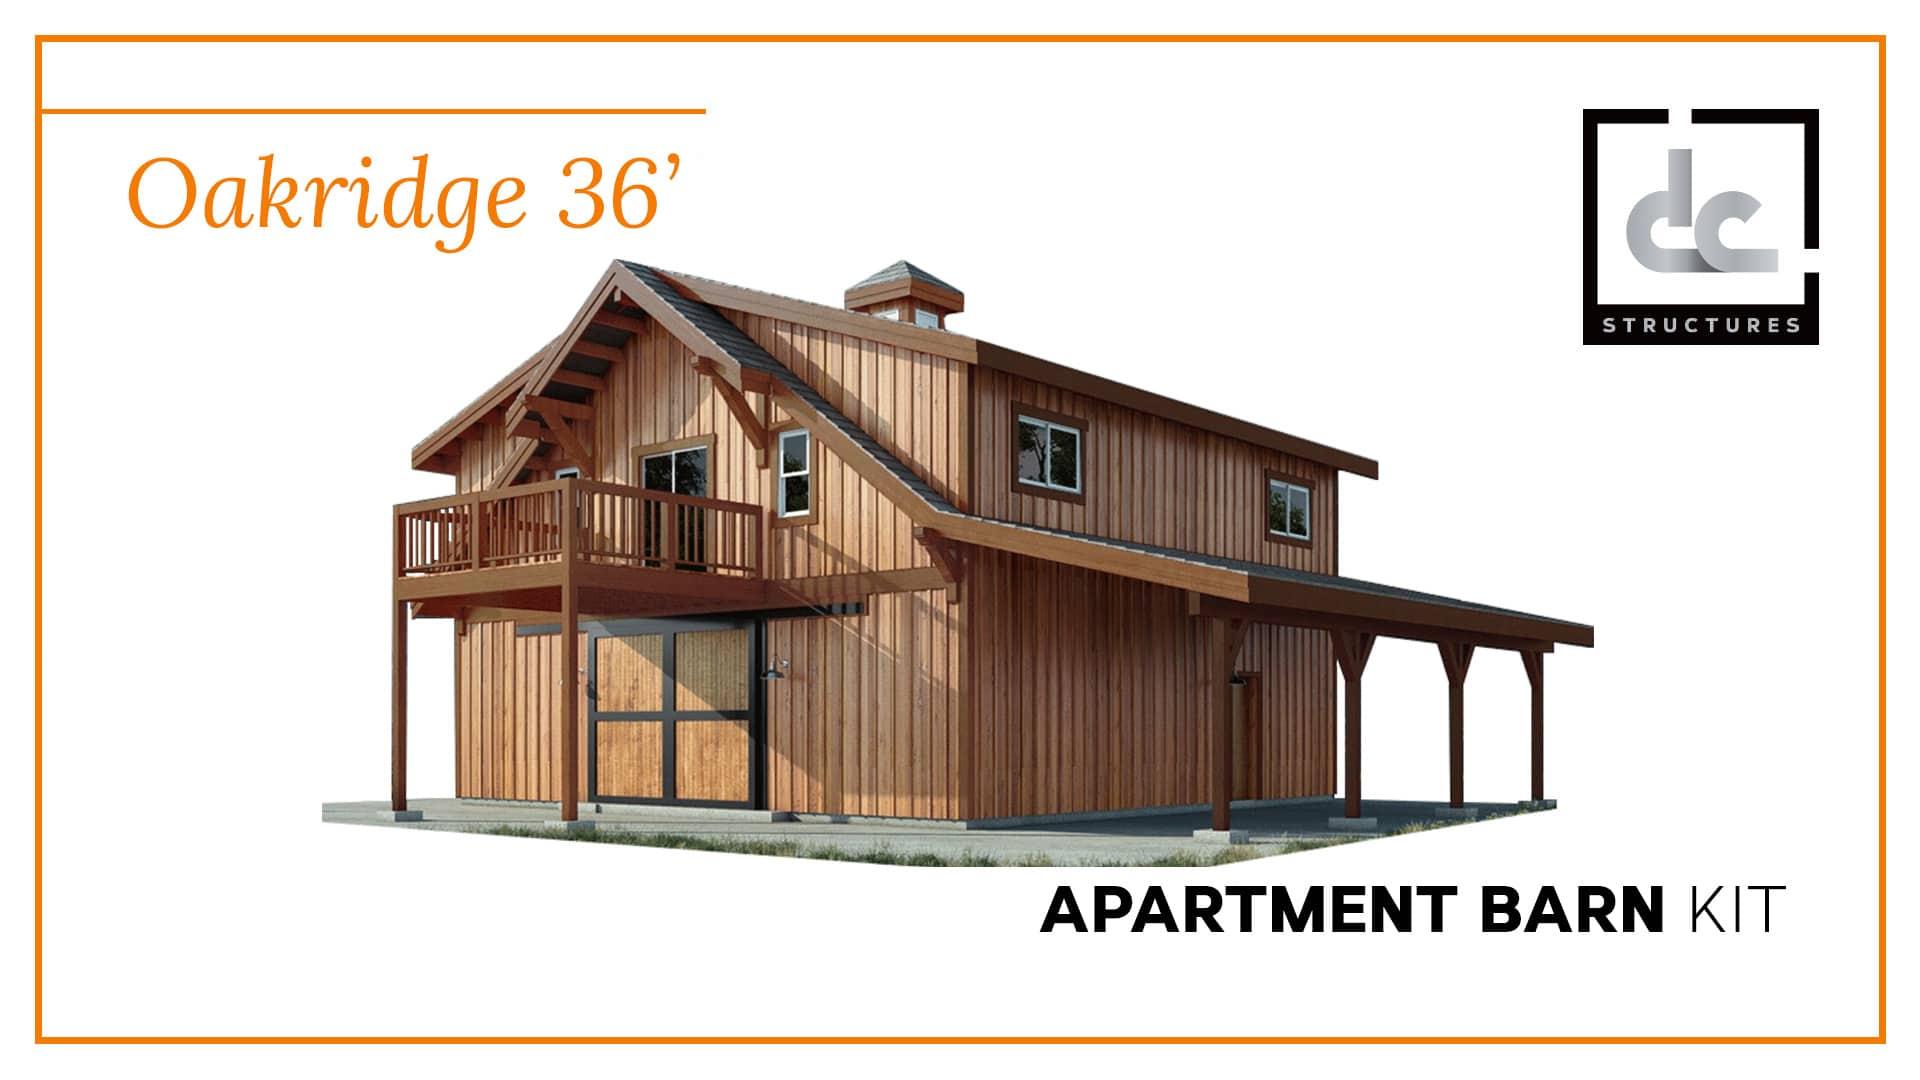 Oakridge Apartment Barn Kit 36\' - Barn Home Kit - DC Structures